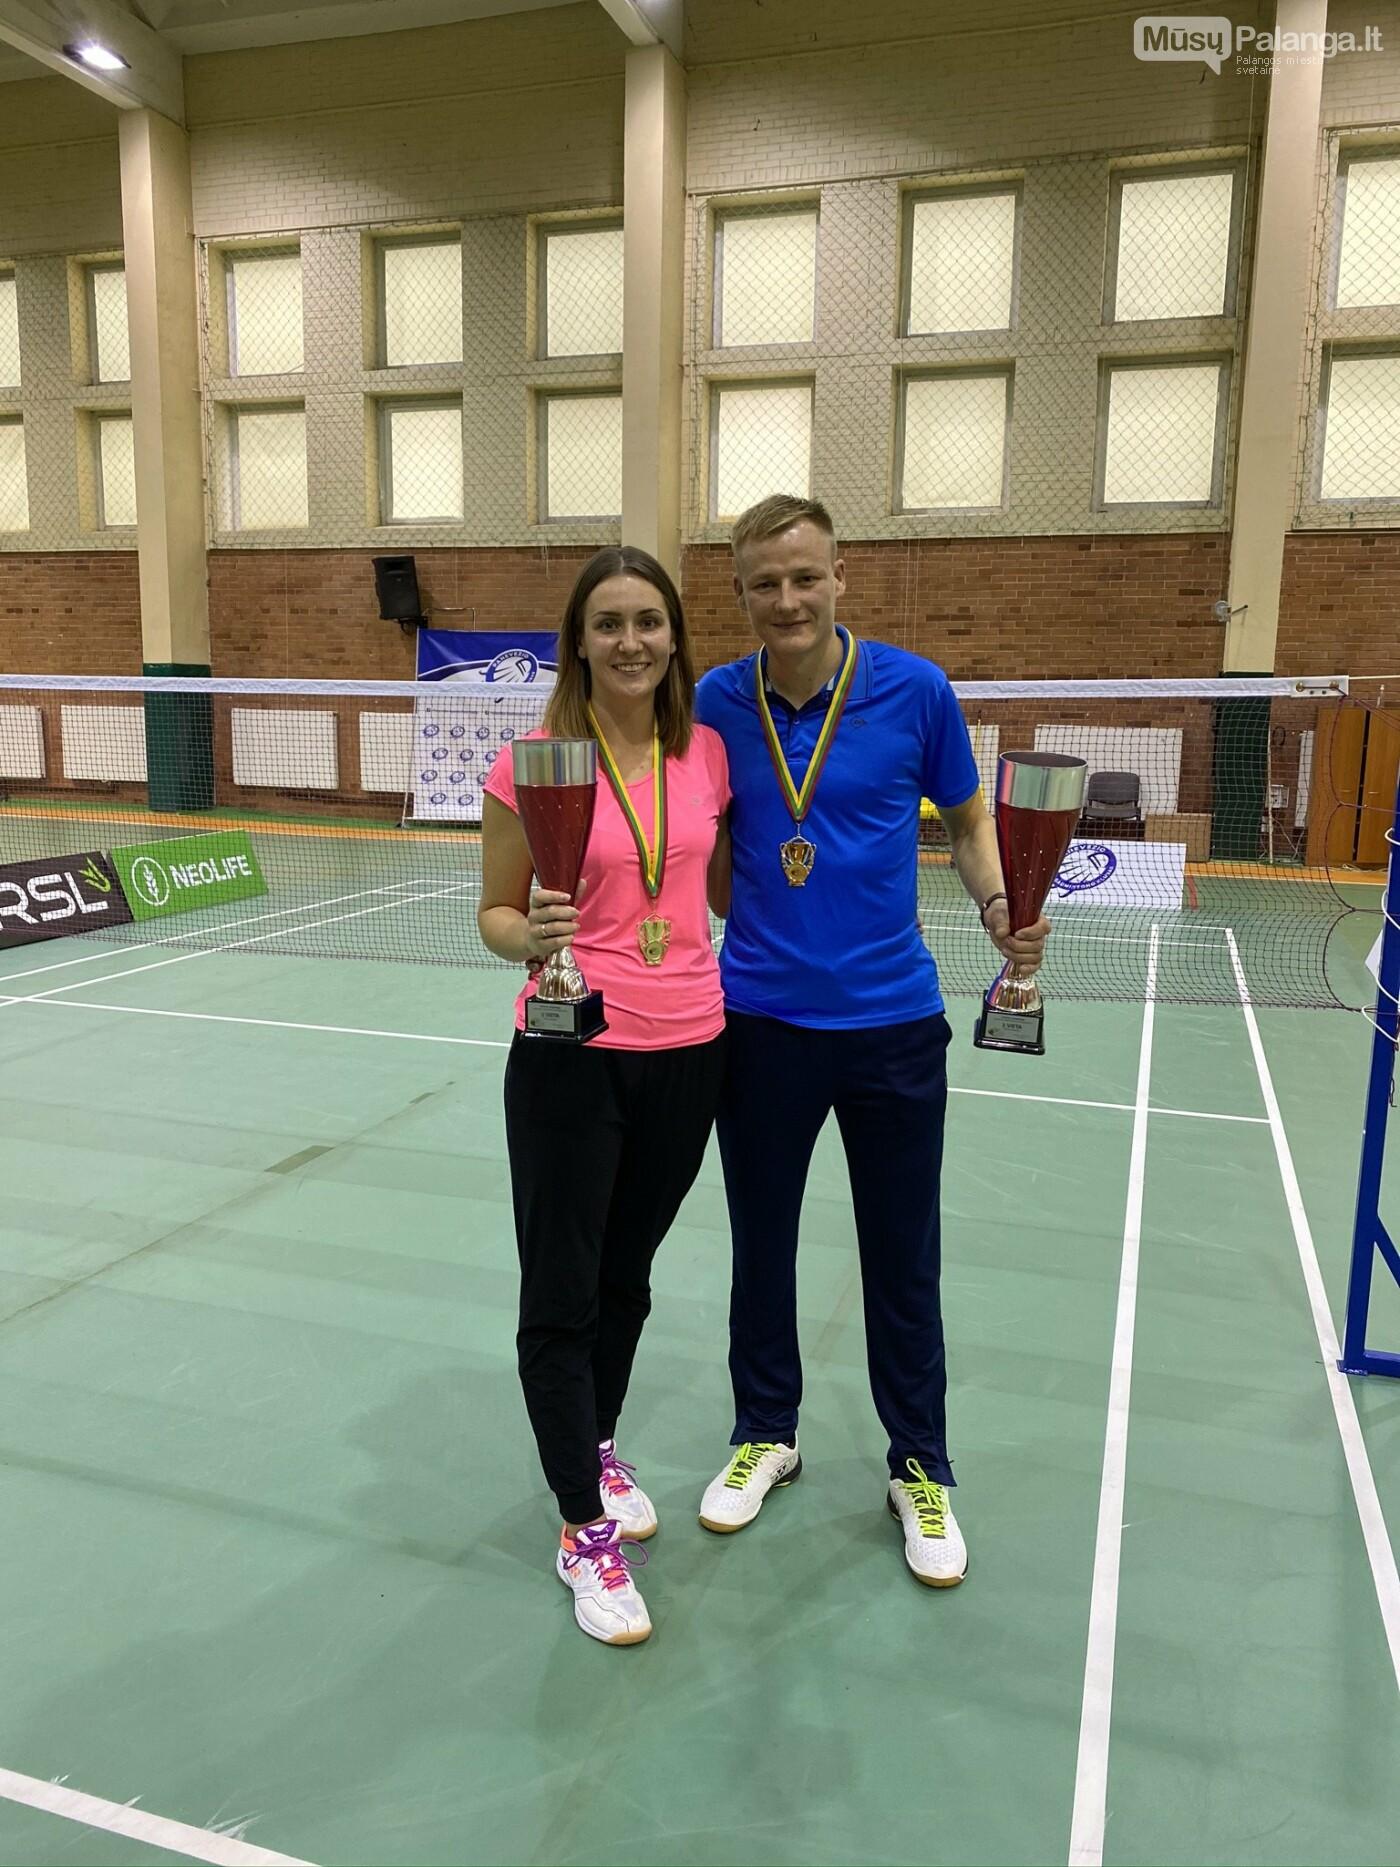 58-ame Lietuvos suaugusių asmeniniame badmintono čempionate pirma vieta!, nuotrauka-5